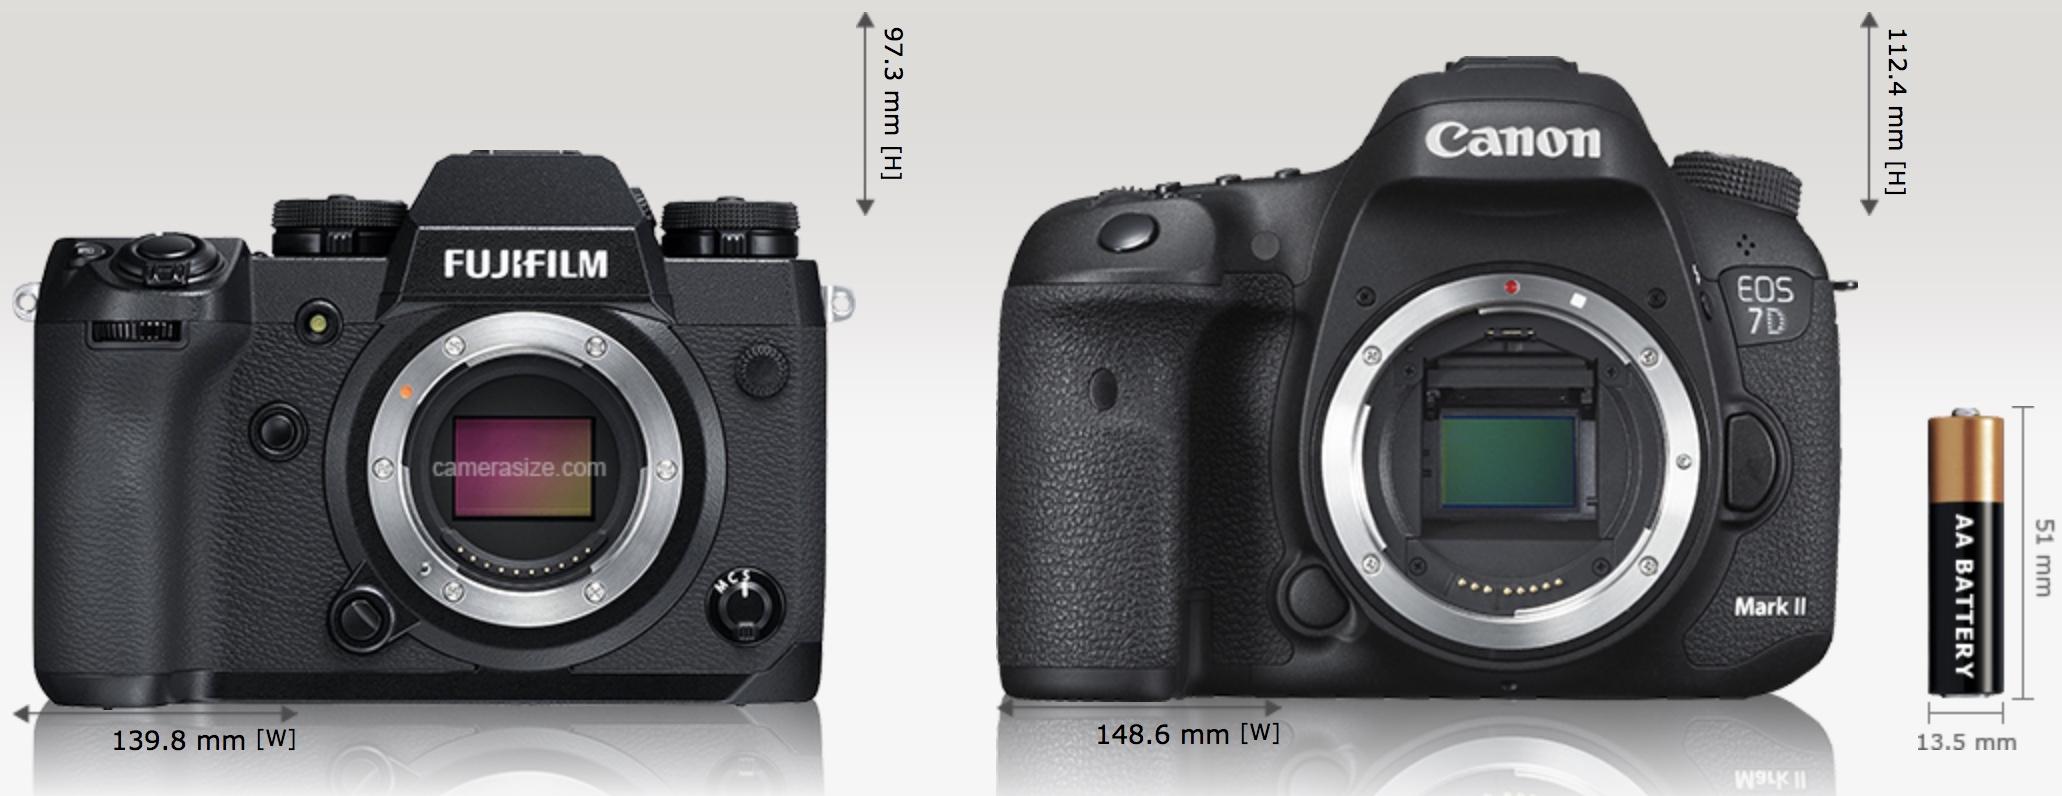 Fujifilm X-H1: Popular Competitor Camera Size Comparison - Fuji Addict